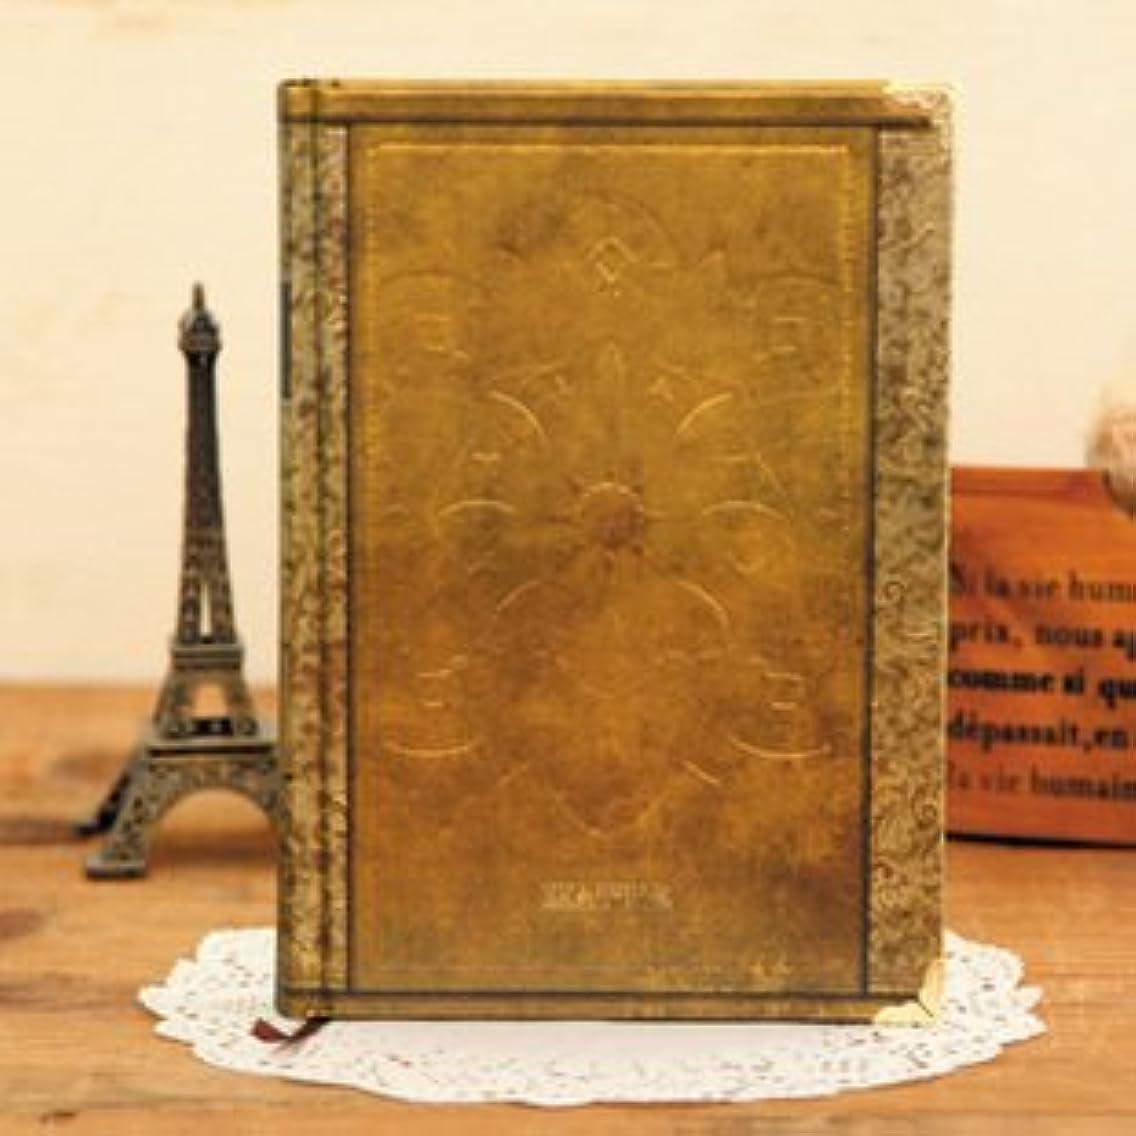 アンティーク ヨーロピアン風 洋書のような 美しい 硬表紙ノート B5サイズ ゴールド